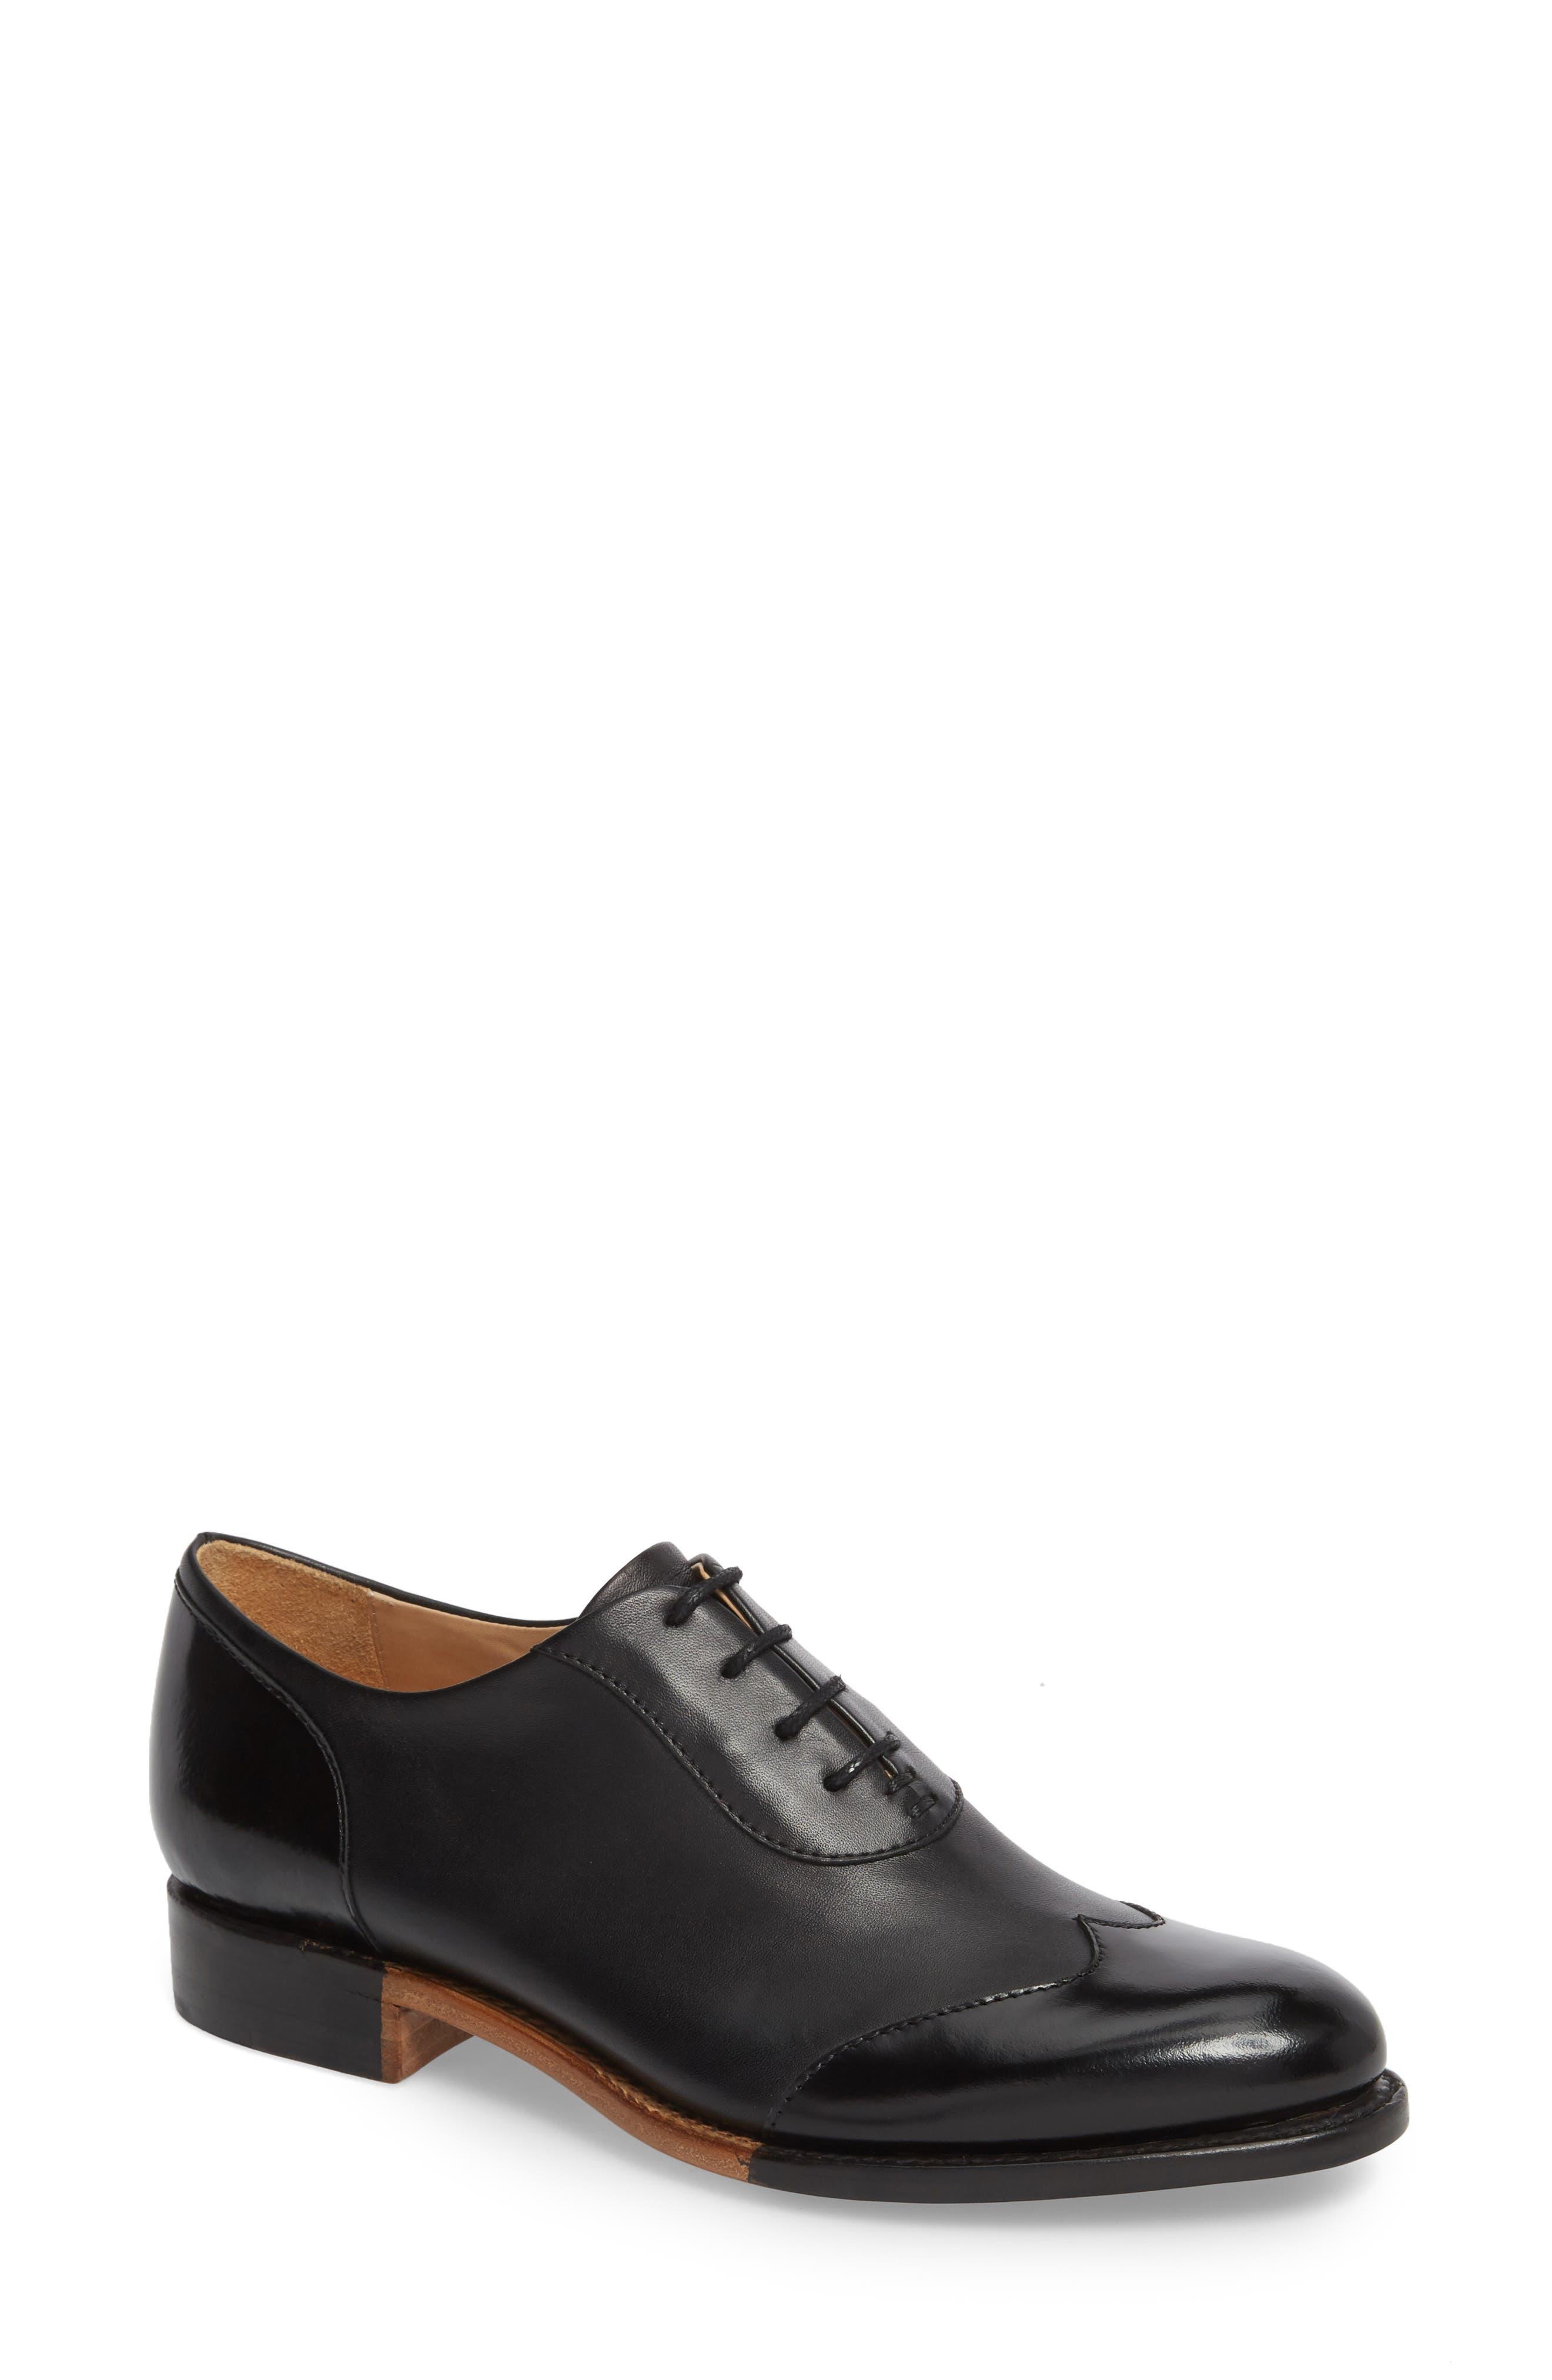 Mr. Evans Oxford,                         Main,                         color, BLACK ON BLACK